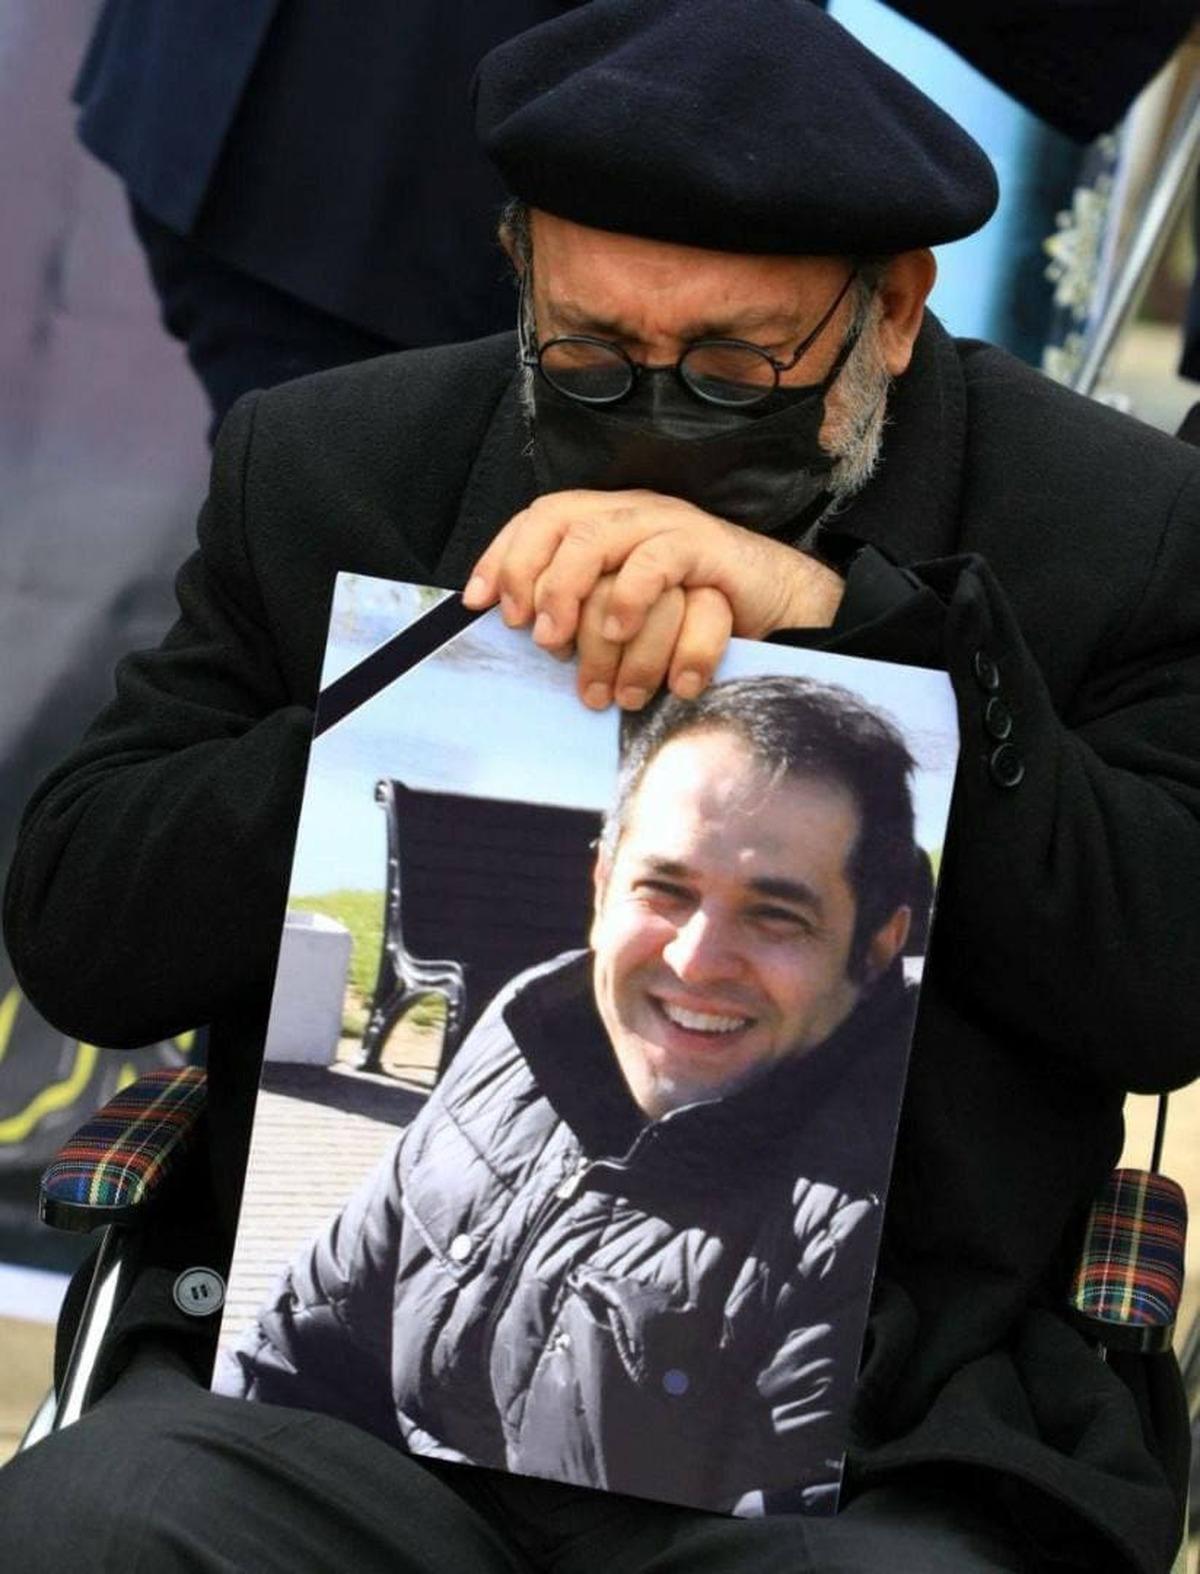 مراسم یادبود دکتر احسان میرزاده  + عکس